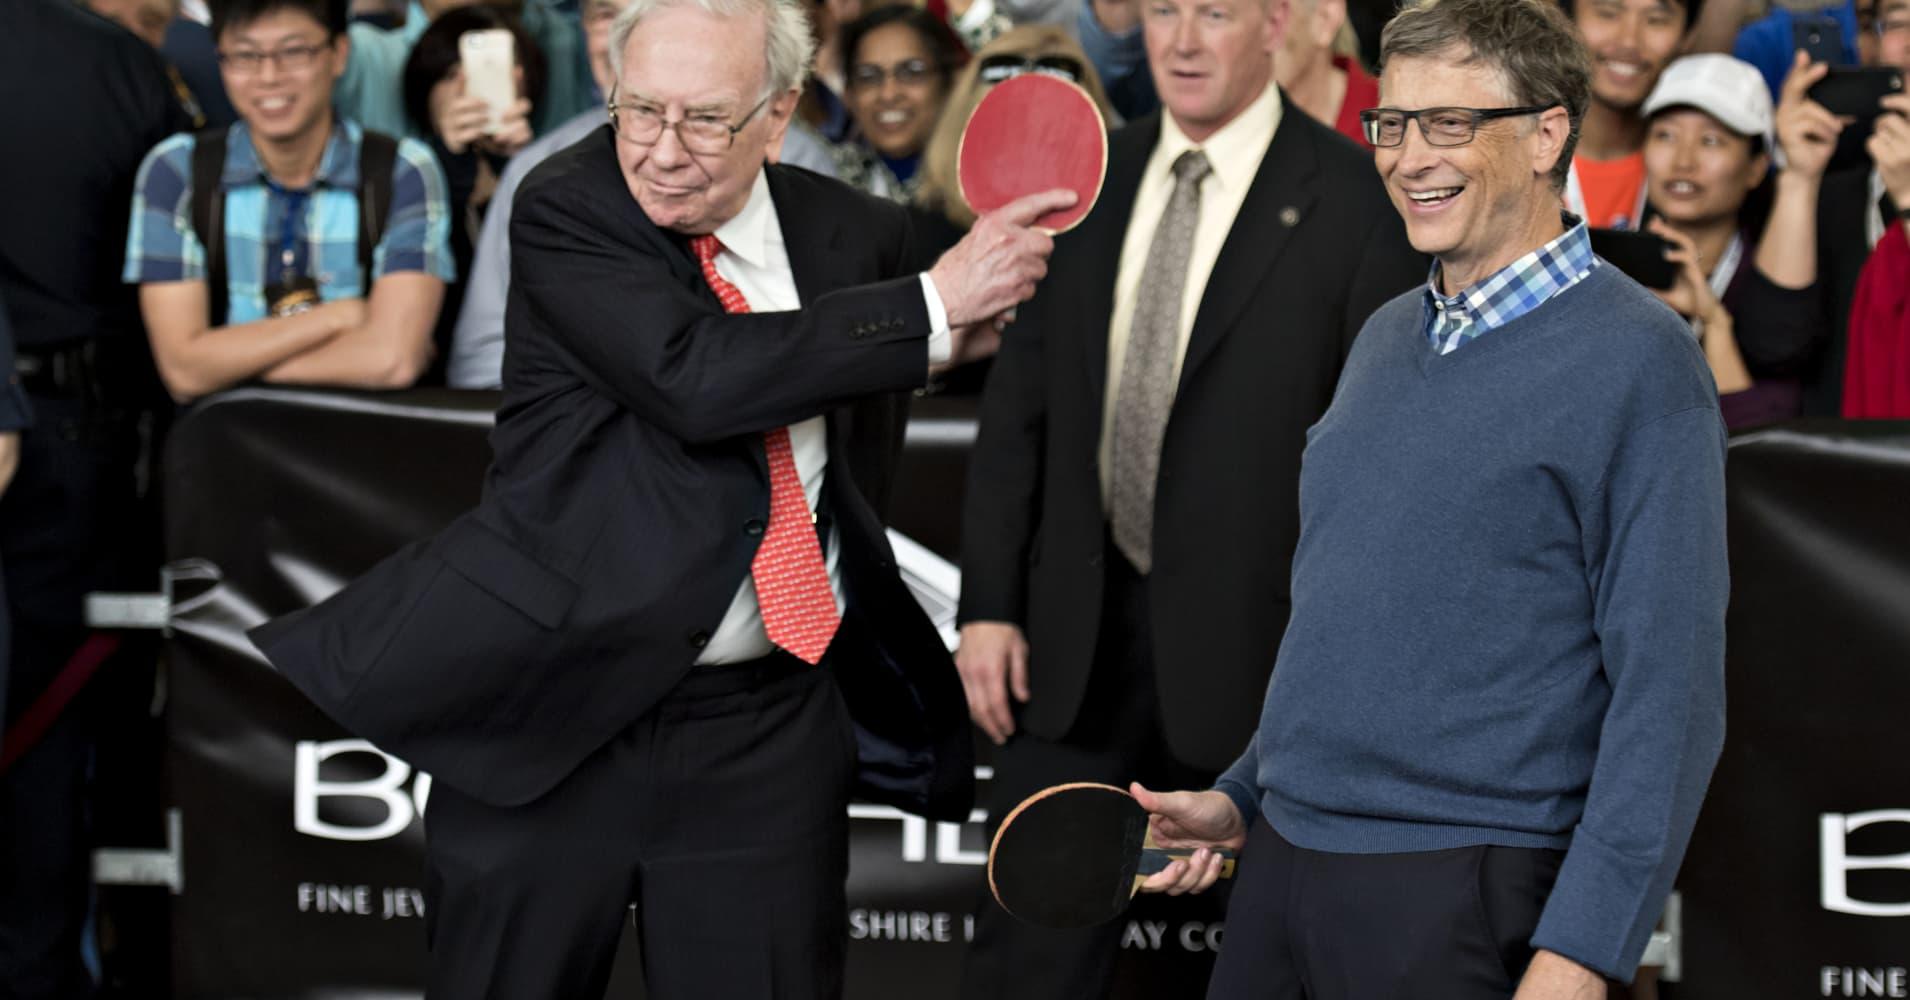 Self-made billionaires Warren Buffett and Bill Gates